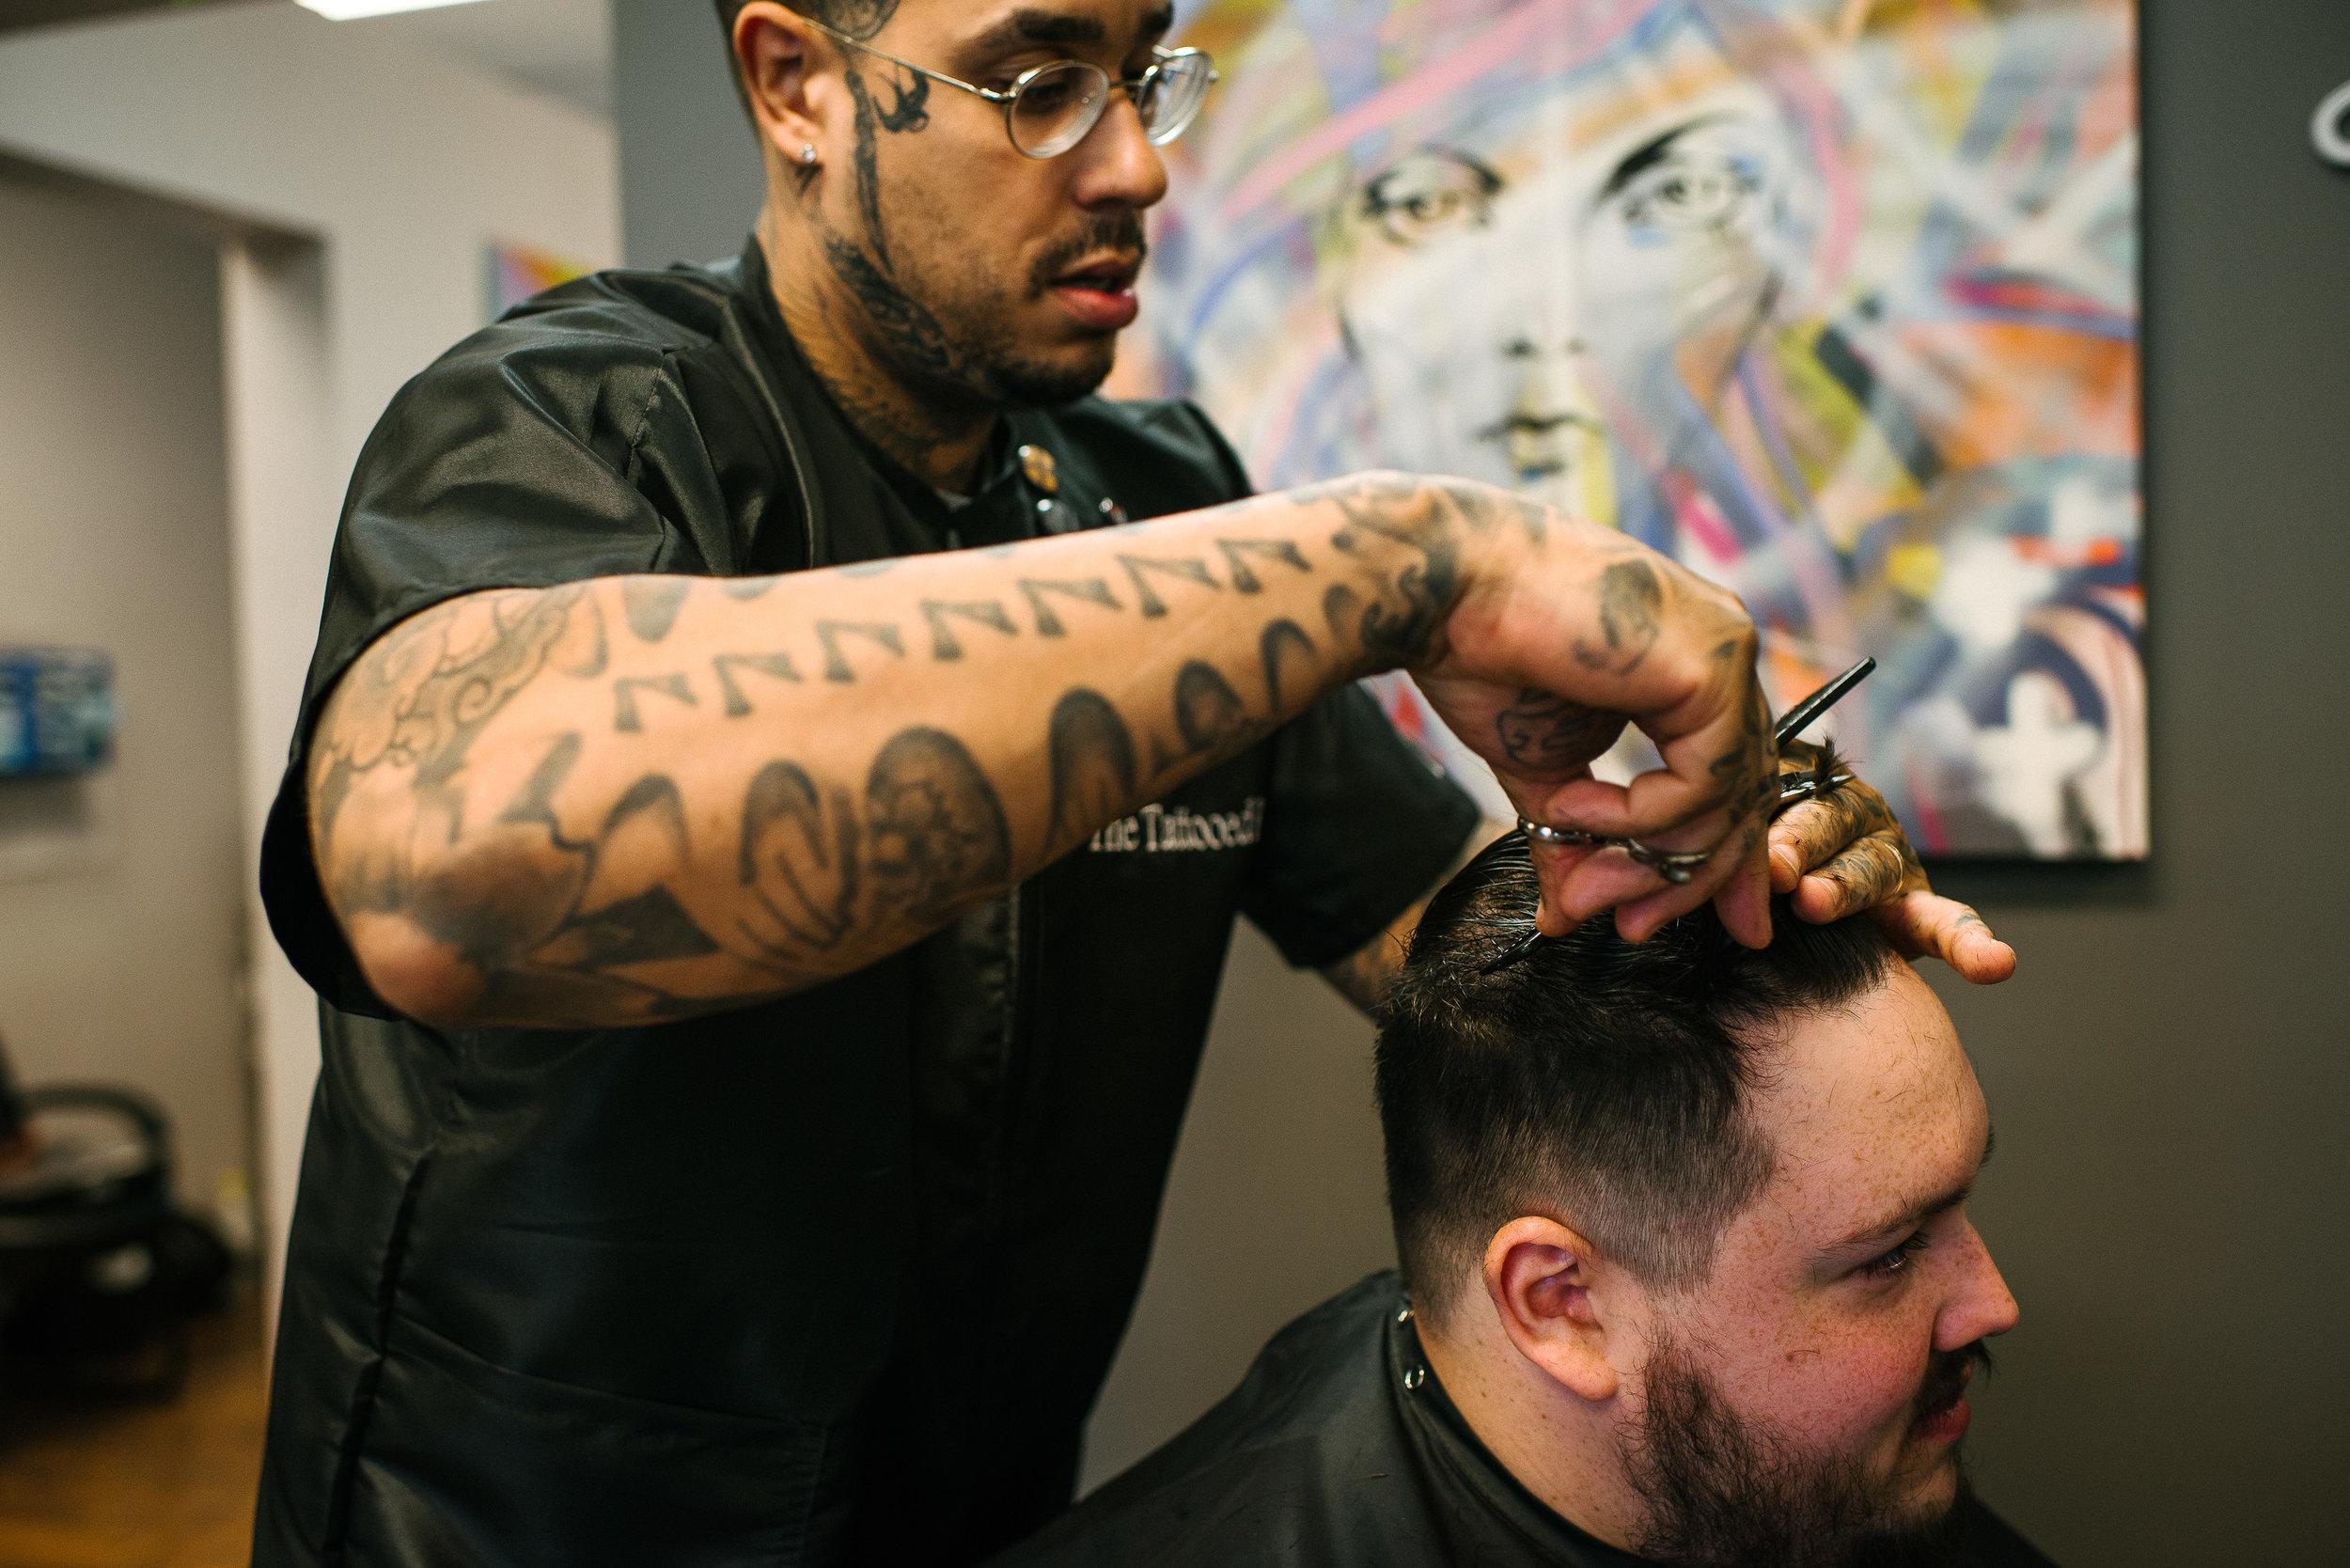 InkTegrity Tattoo Community Growth Tattoo Days-144720vm.jpg